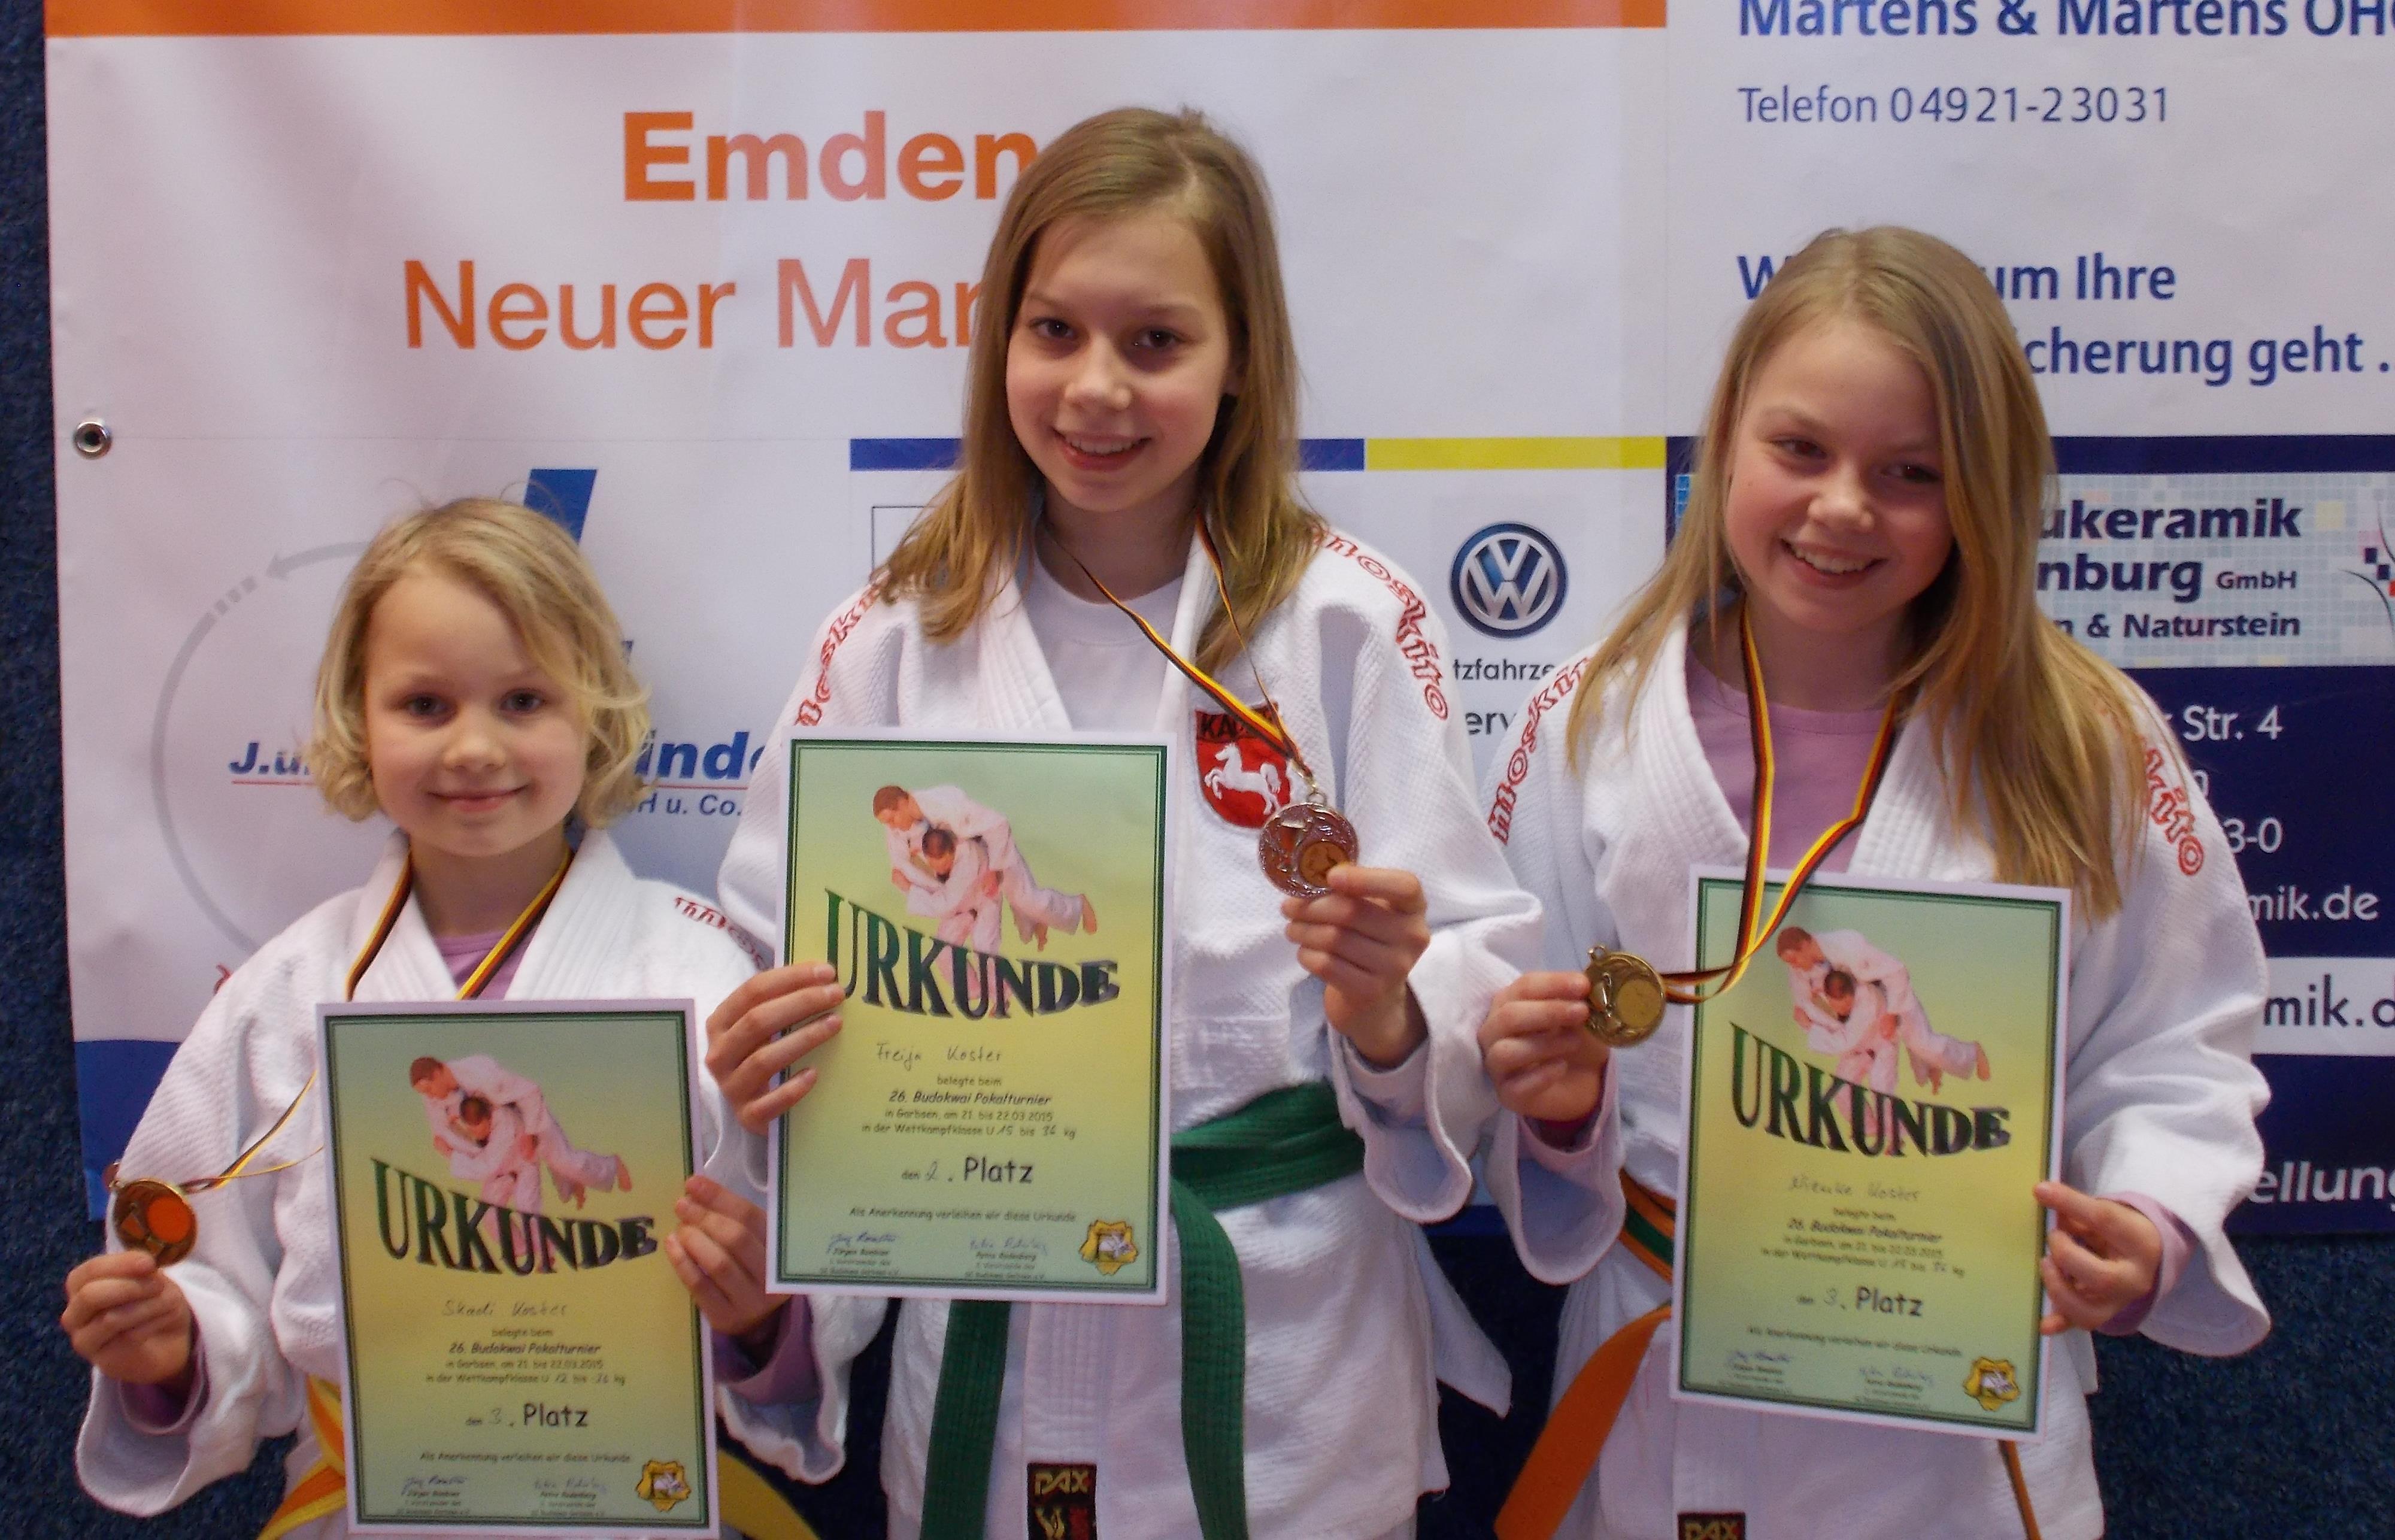 v.l.n.r: Skadi, Freija und Nienke Koster